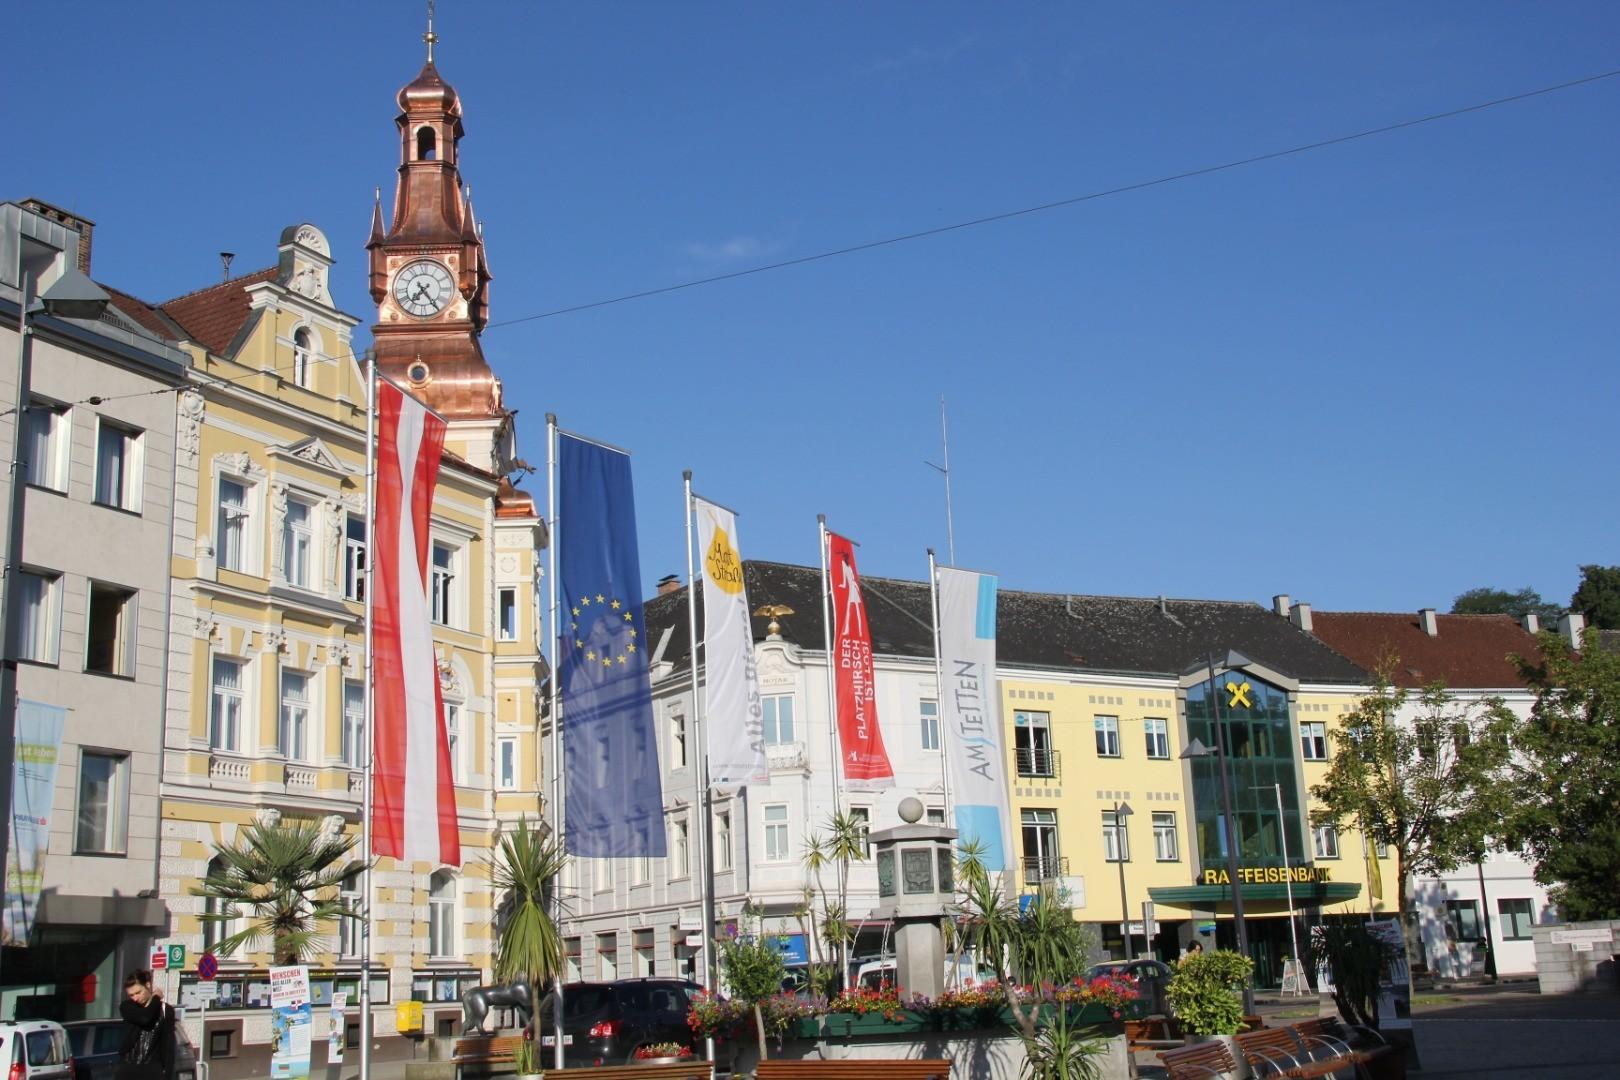 c_StadtgemeindeAmstetten_4.JPG